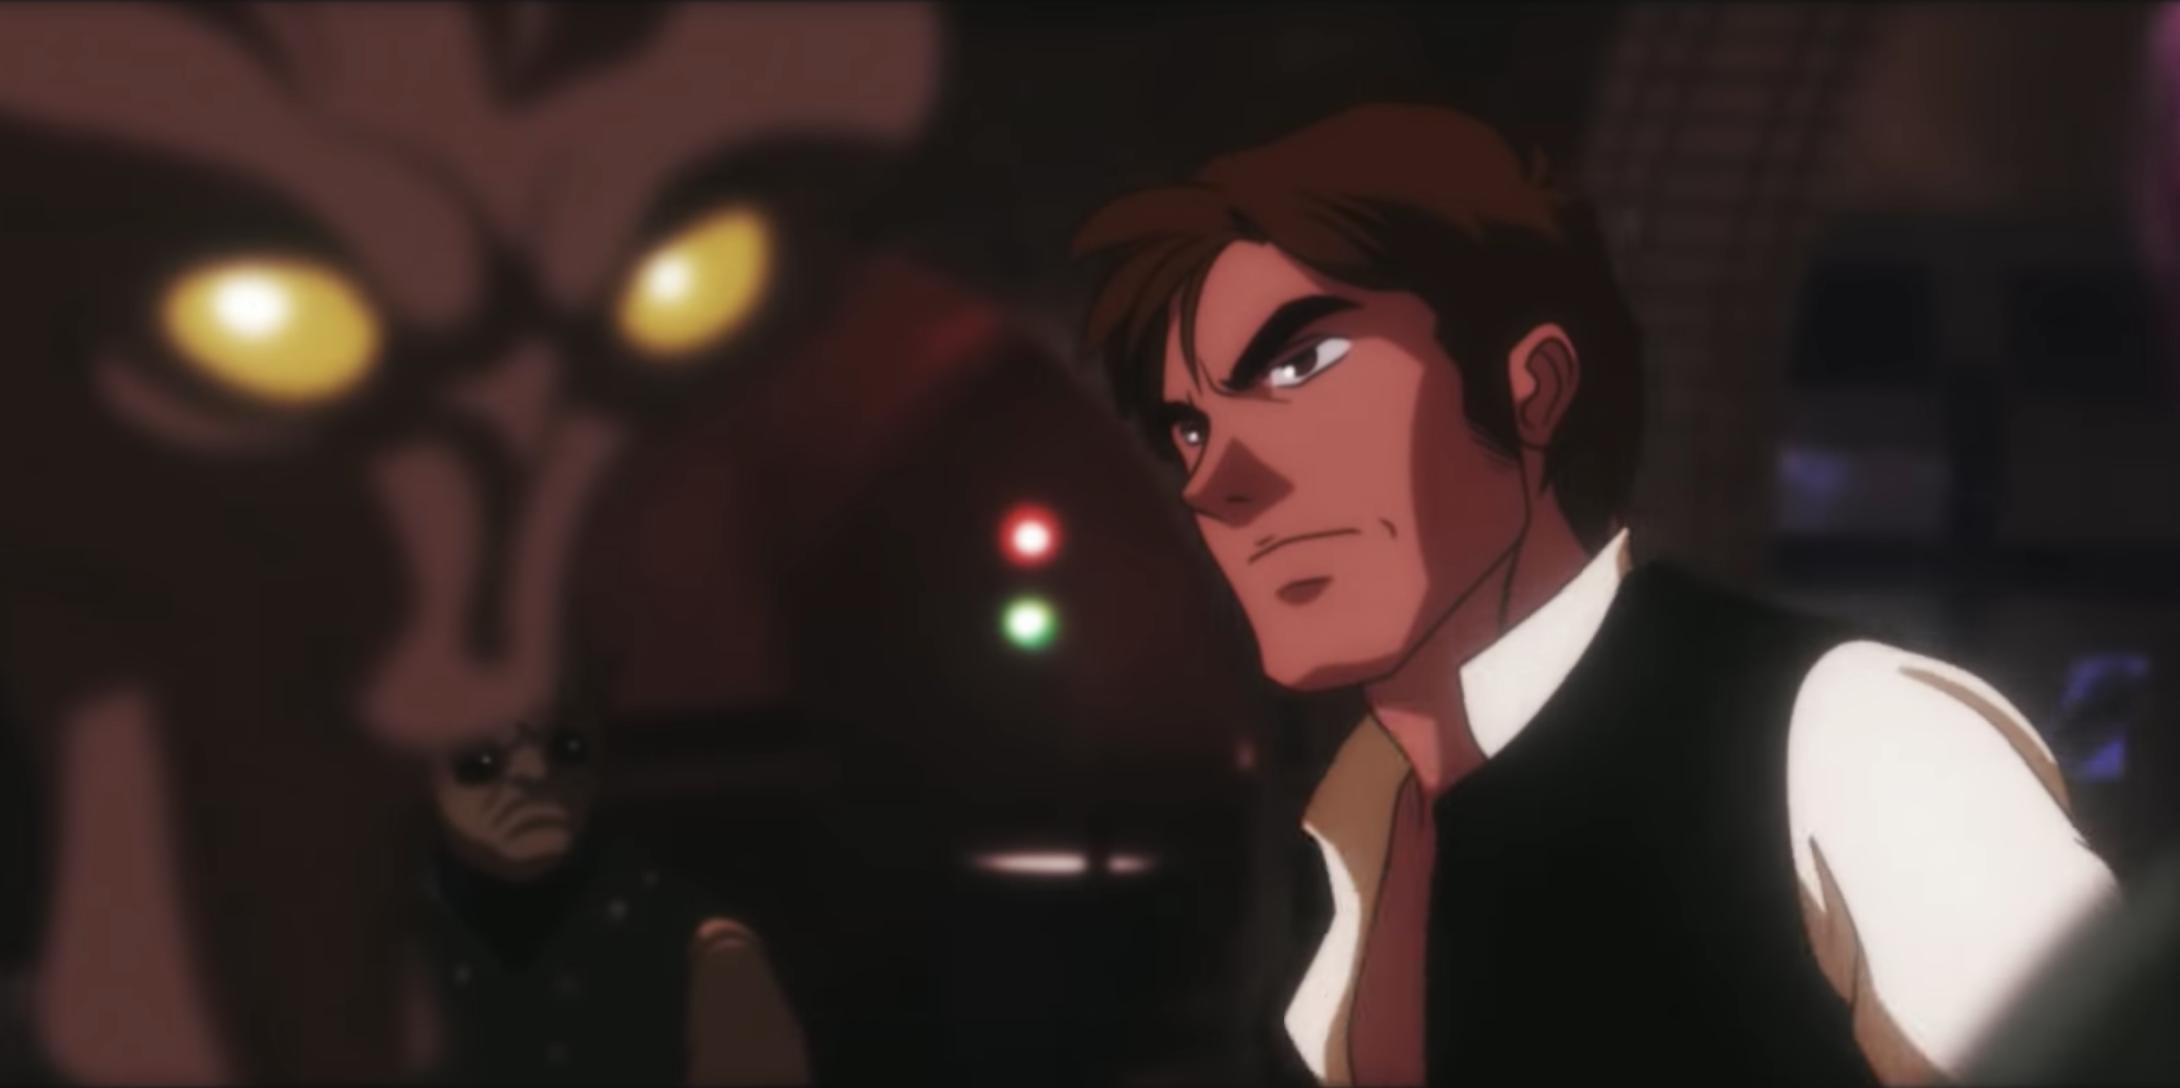 Star Wars Gets Reimagined as an Anime in Fantastic Fan Trailer